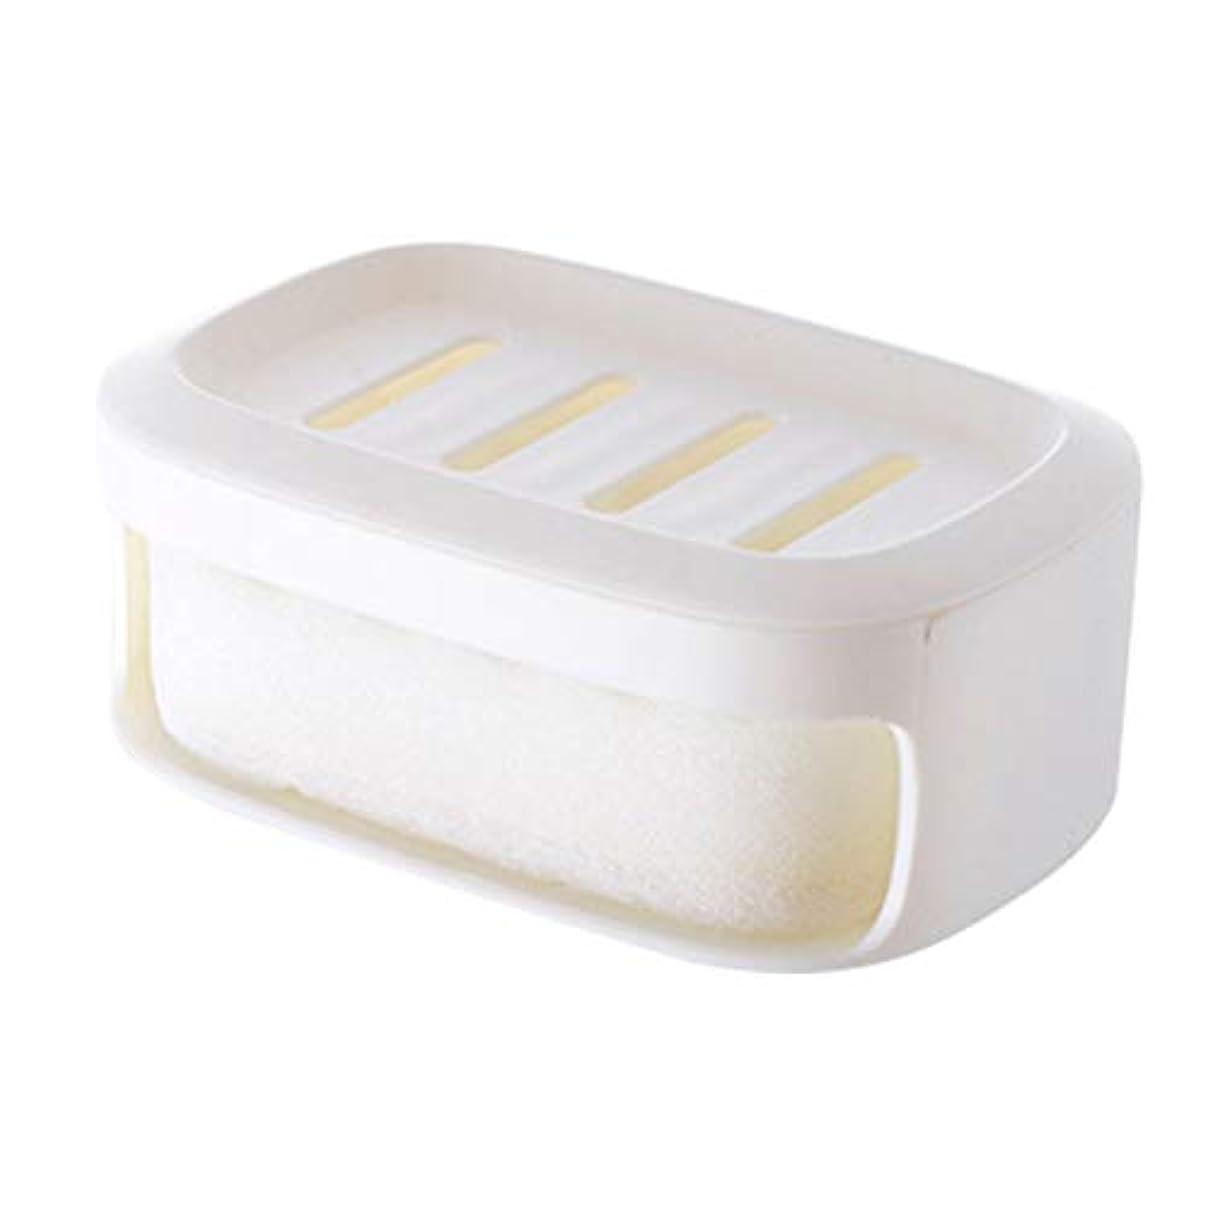 肥料ストッキング四回Healifty ソープボックス二重層防水シールソープコンテナバスルームソープ収納ケース(ホワイト)